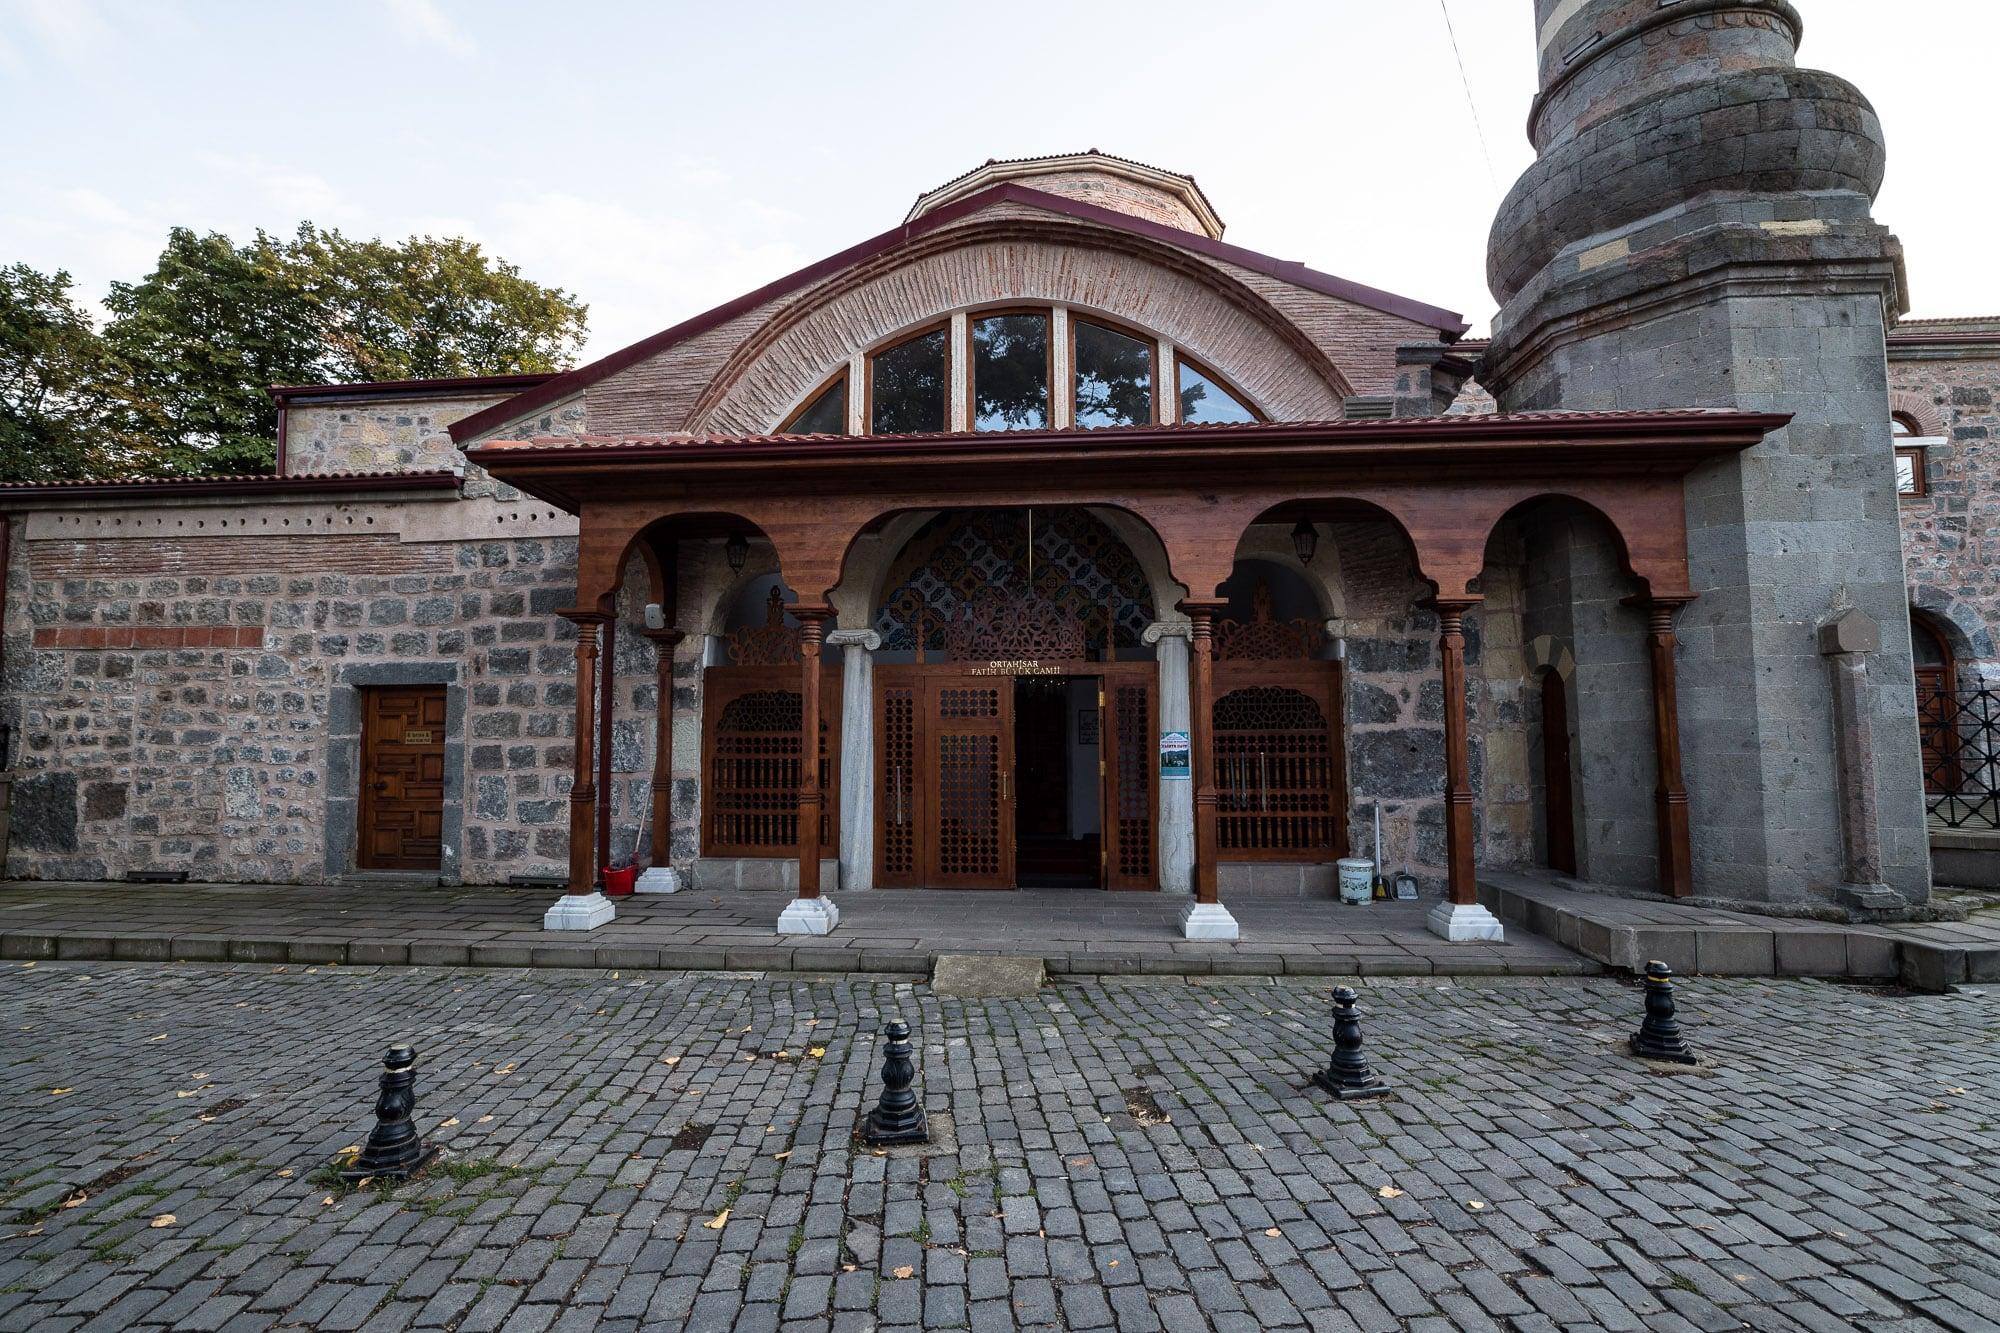 Ortahisar Fatih mosque